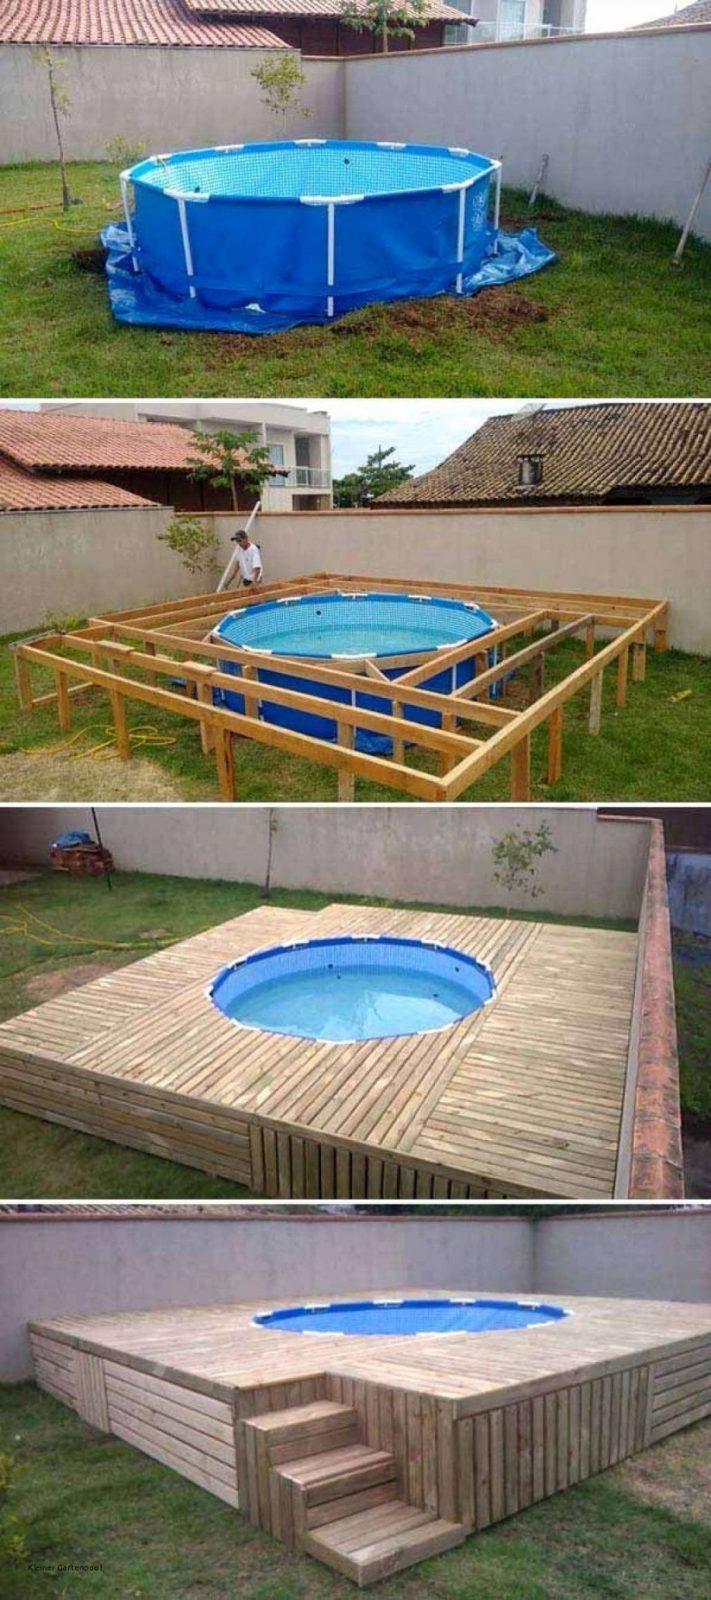 Kleiner Garten Mit Pool Gestalten Inspirierend Pool Garten von Garten Gestalten Mit Pool Photo